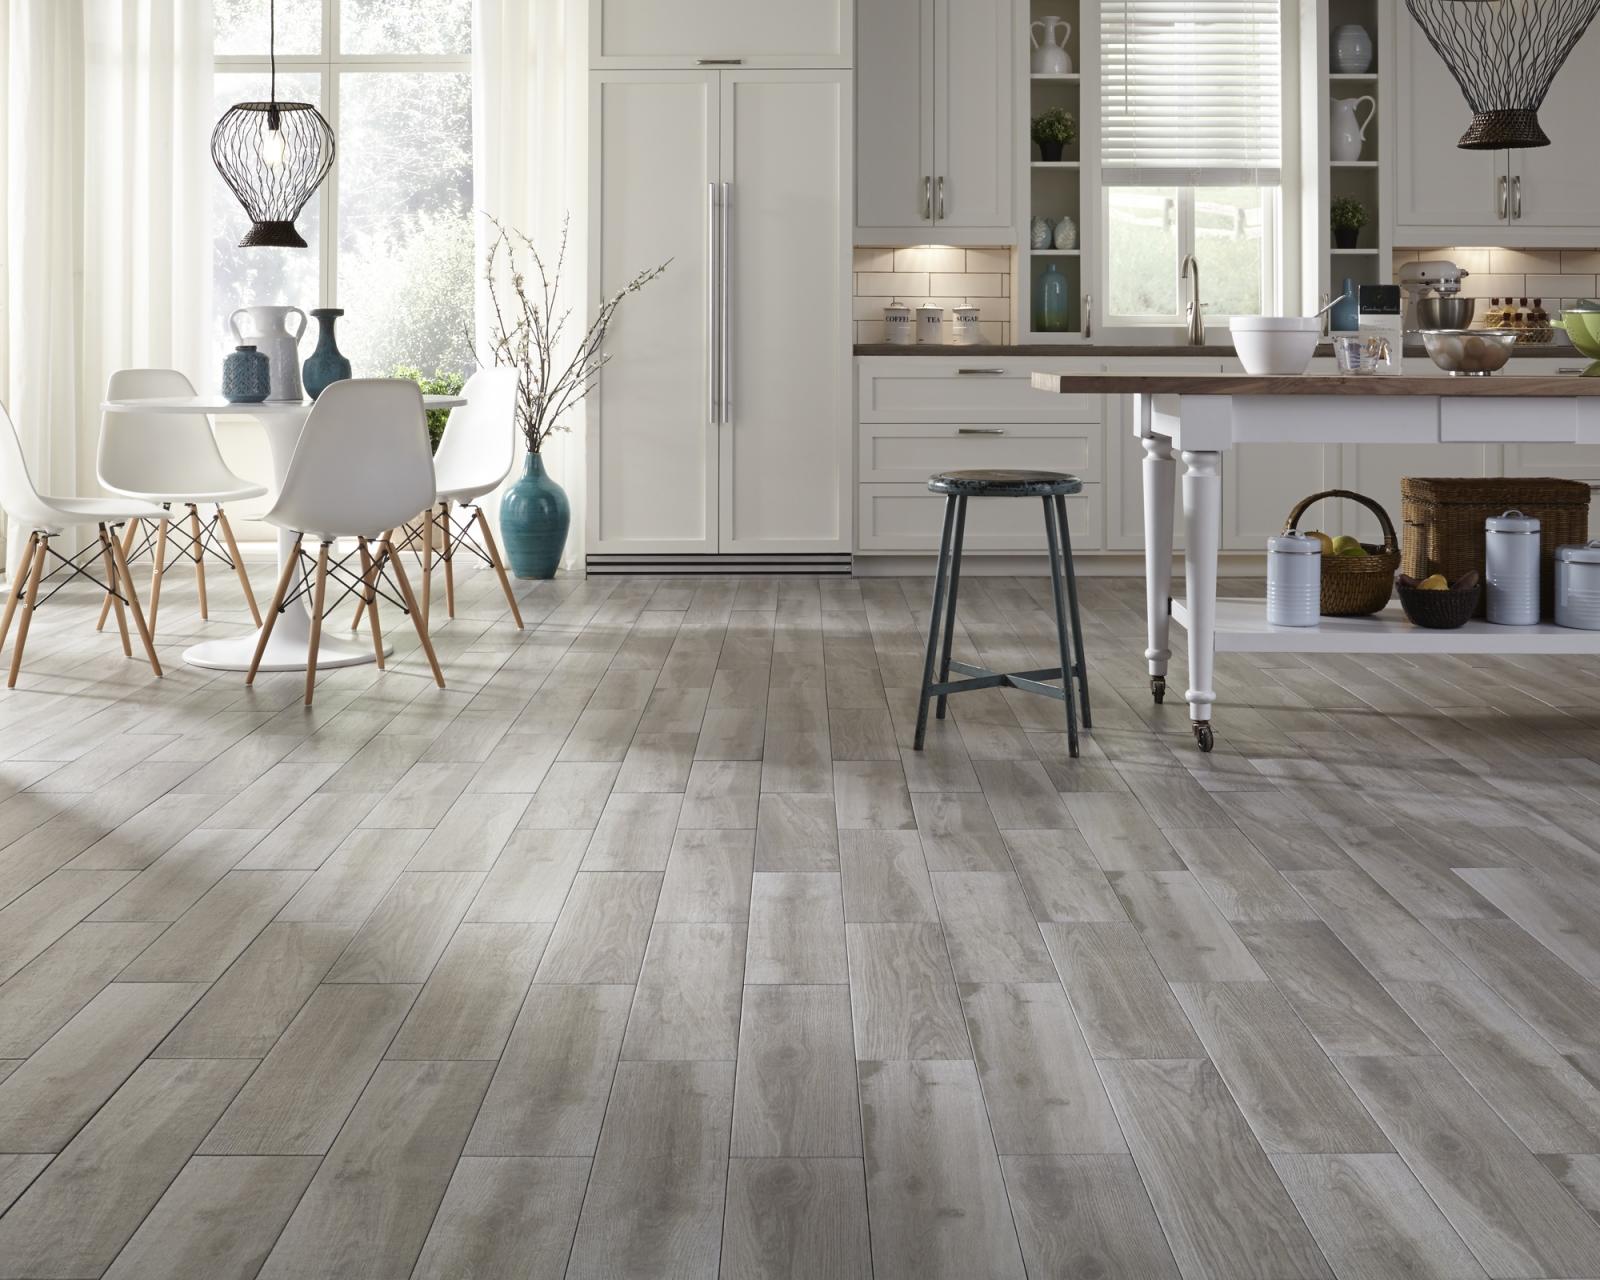 Bật mí cách chọn gạch giả gỗ cho từng không gian khác nhau - Ảnh 3.